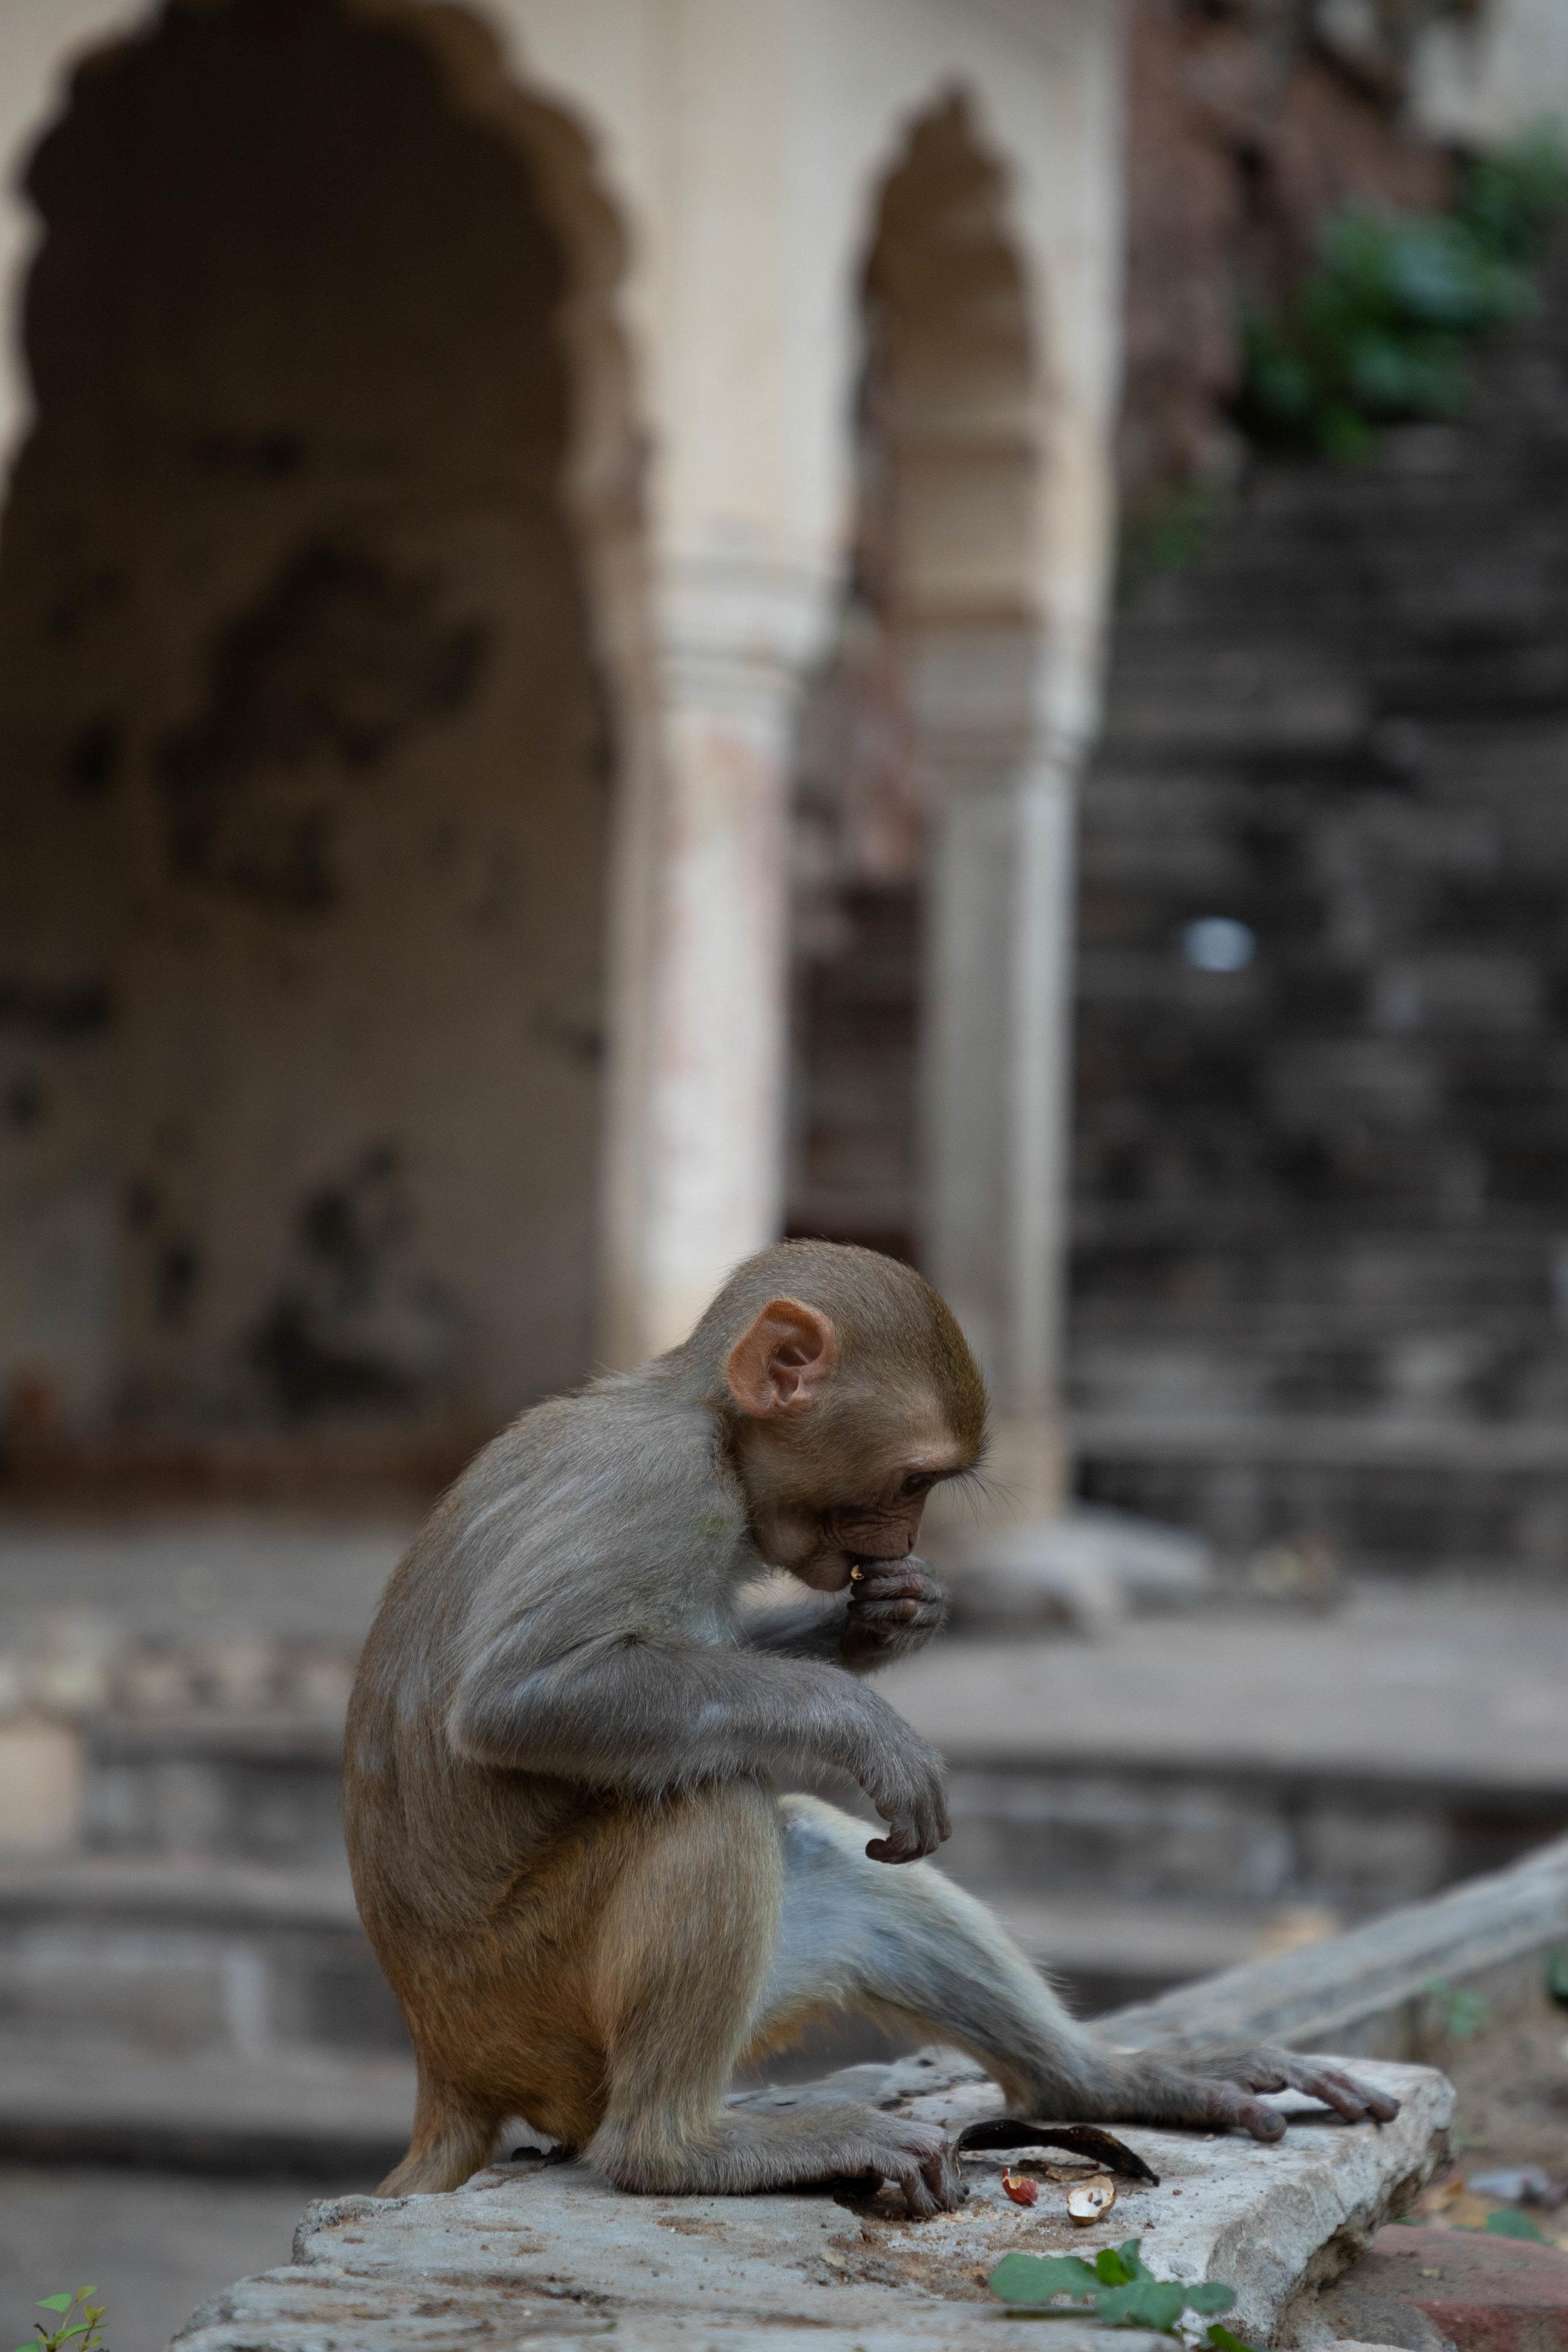 Monkey0.jpg